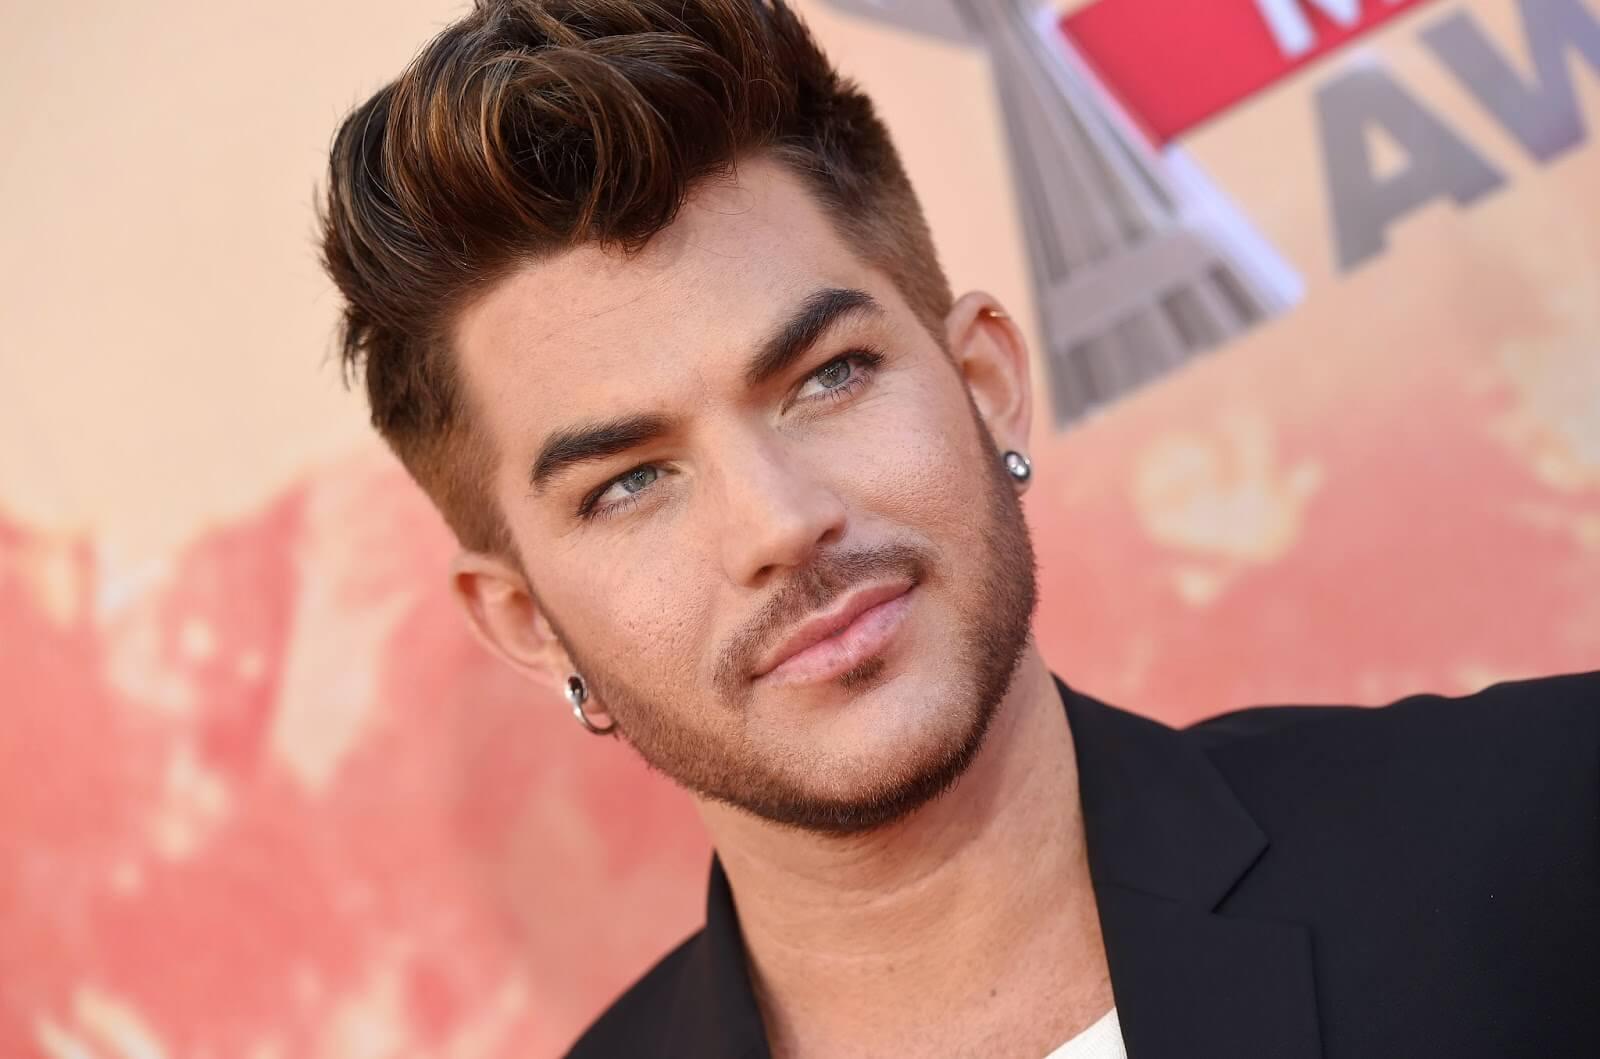 Adam Lambert: petizione omofoba contro il suo show a Singapore